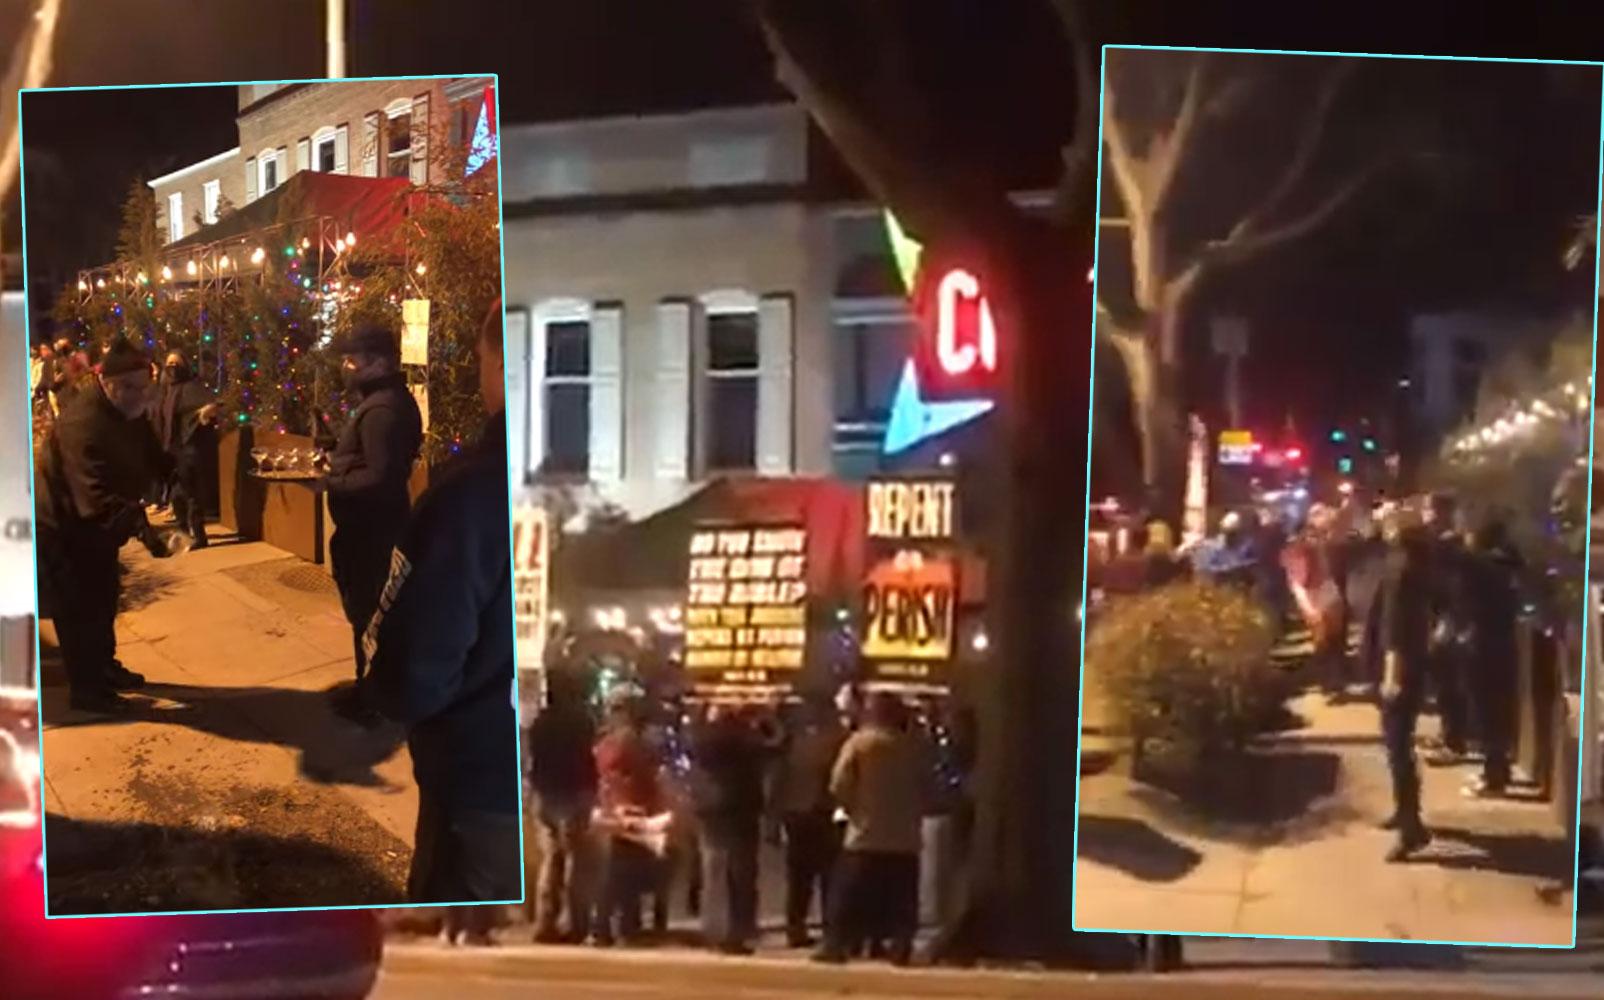 Pizzagate, complottisti manifestano davanti al Comet Ping Pong, teatro di un attentato nel 2016. Ma questa volta il proprietario reagisce